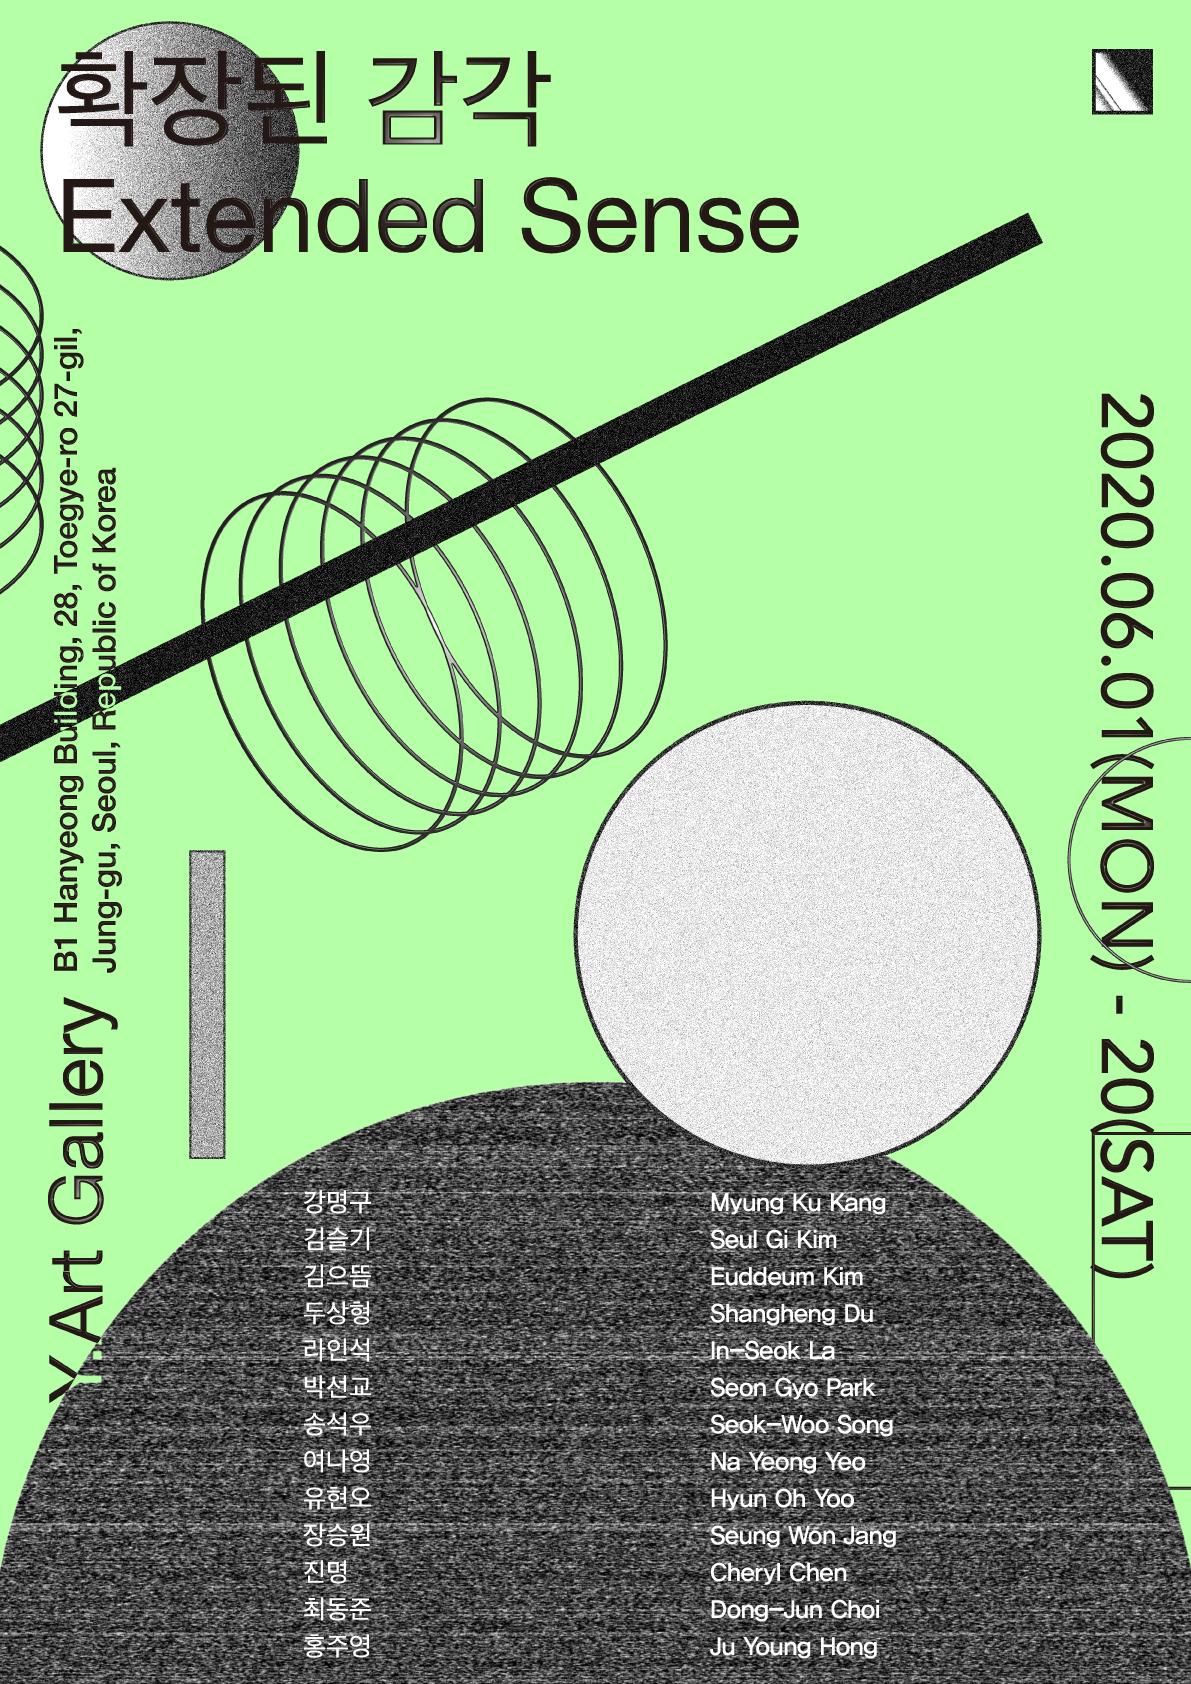 [Group Exhibition] 2020 확장된 감각, 와이아트갤러리, 서울